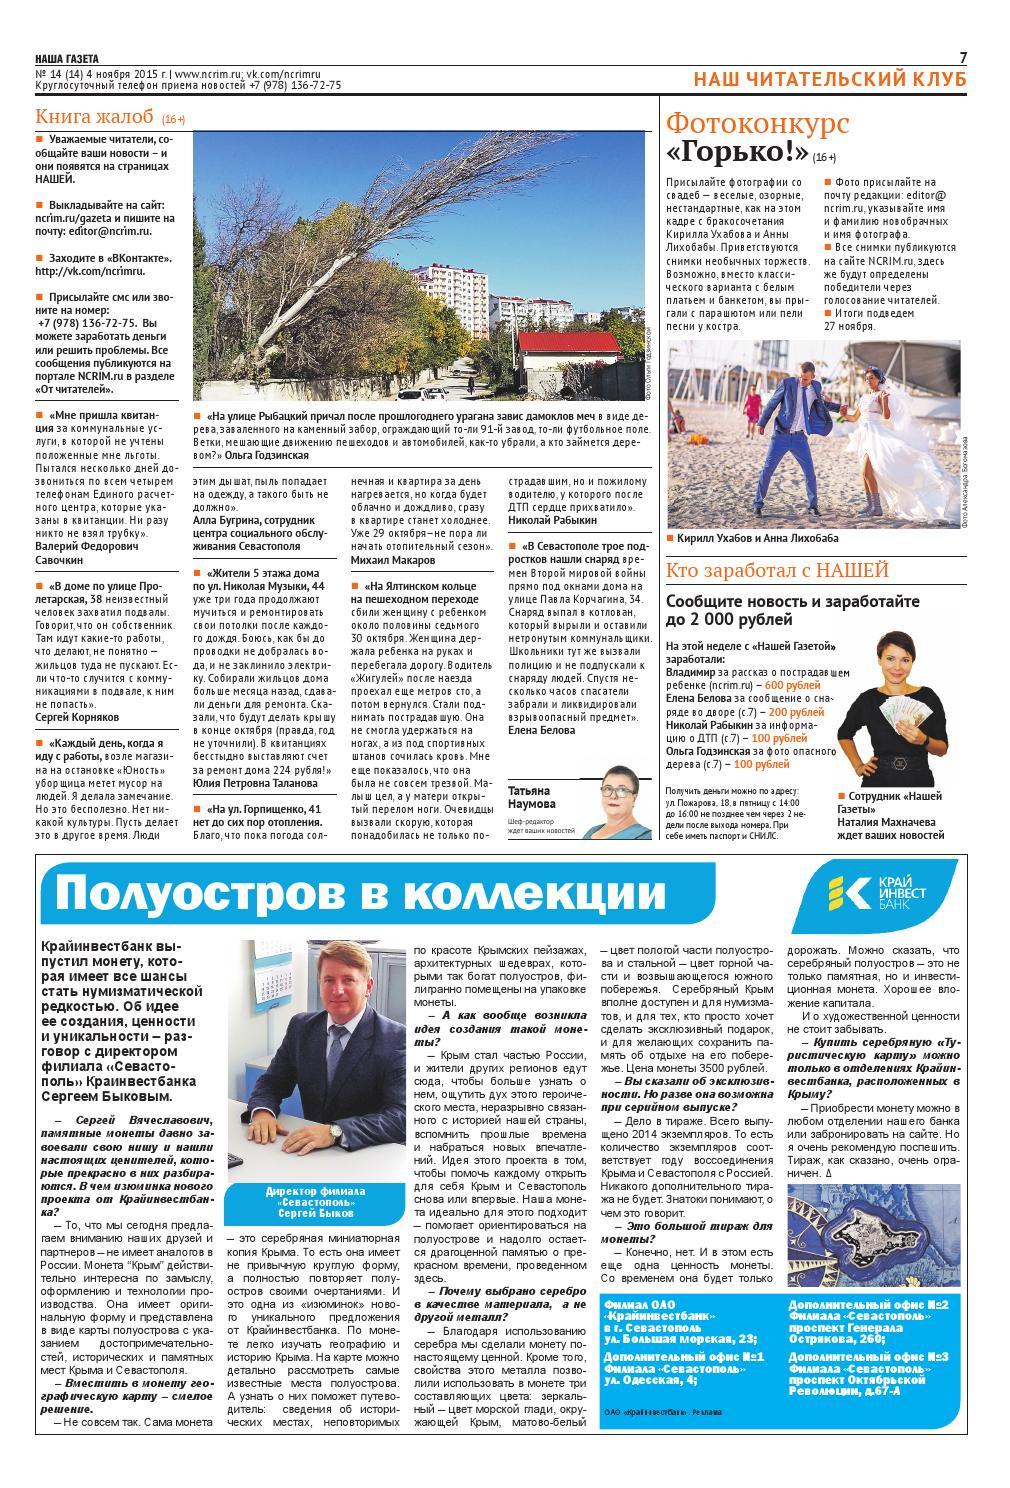 Рубрикой знакомства с газета